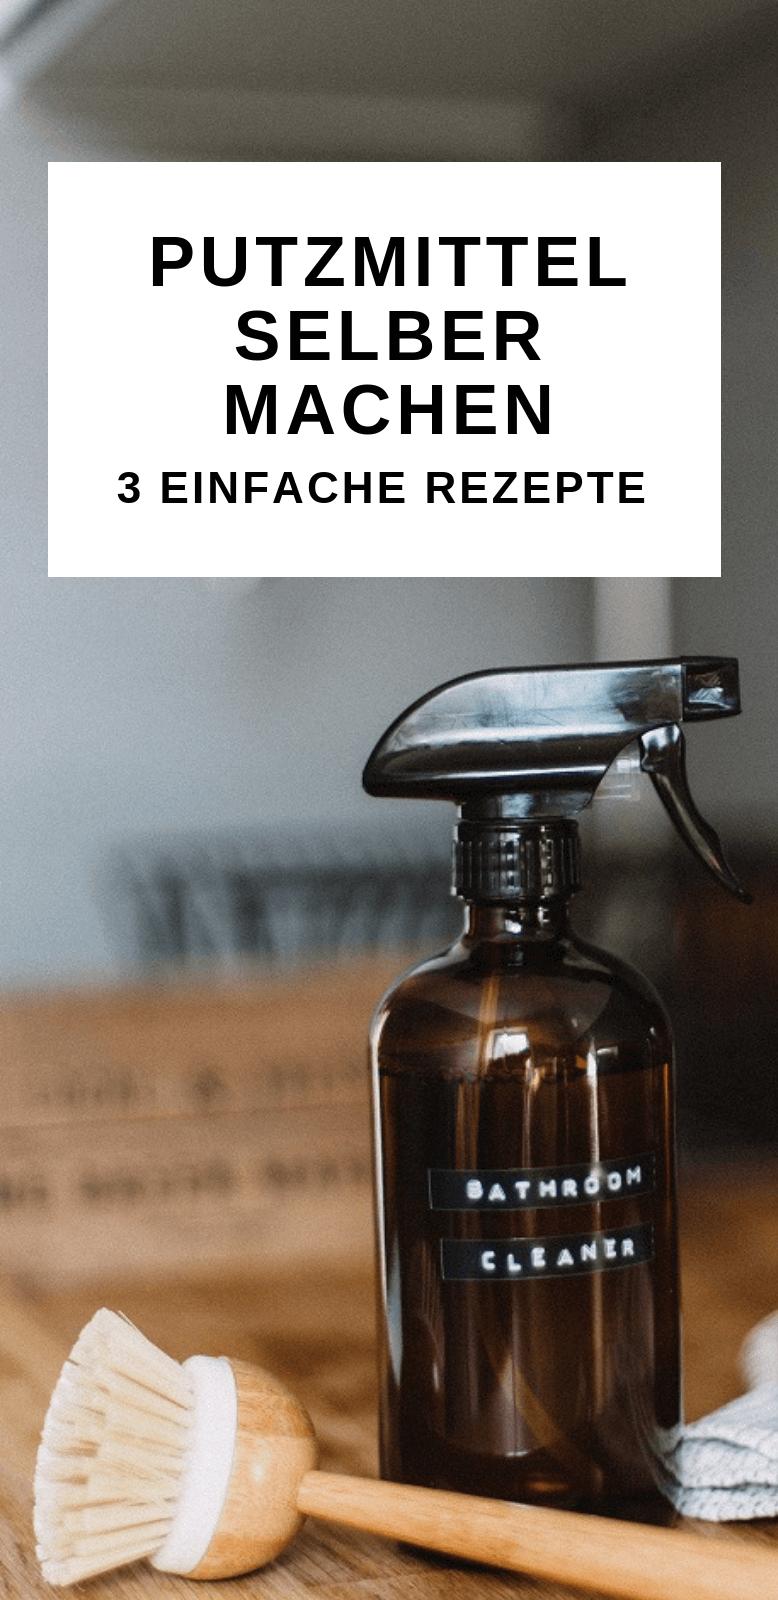 Putzmittel selber machen für Küche und Bad